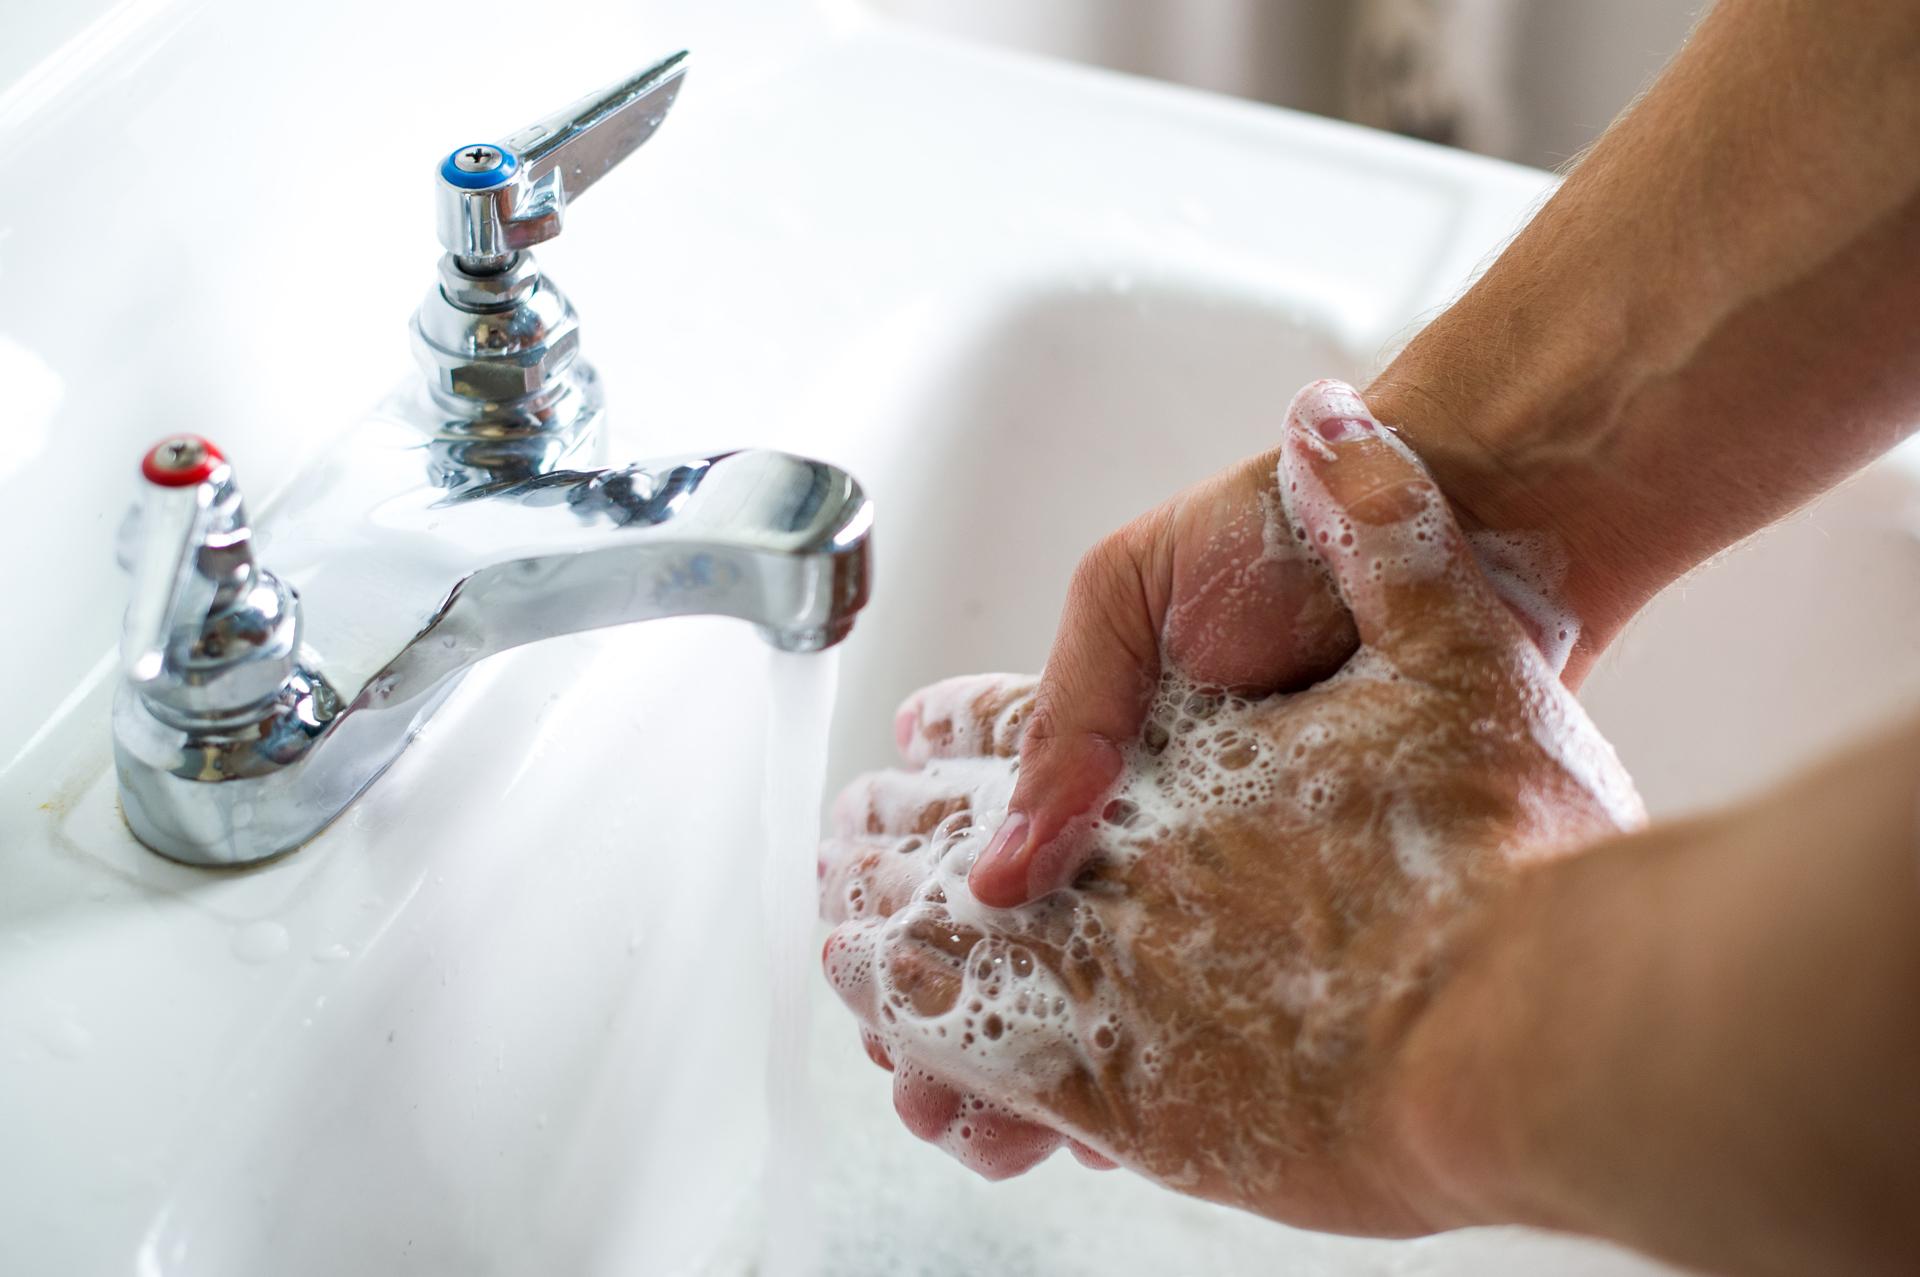 غسل اليدين